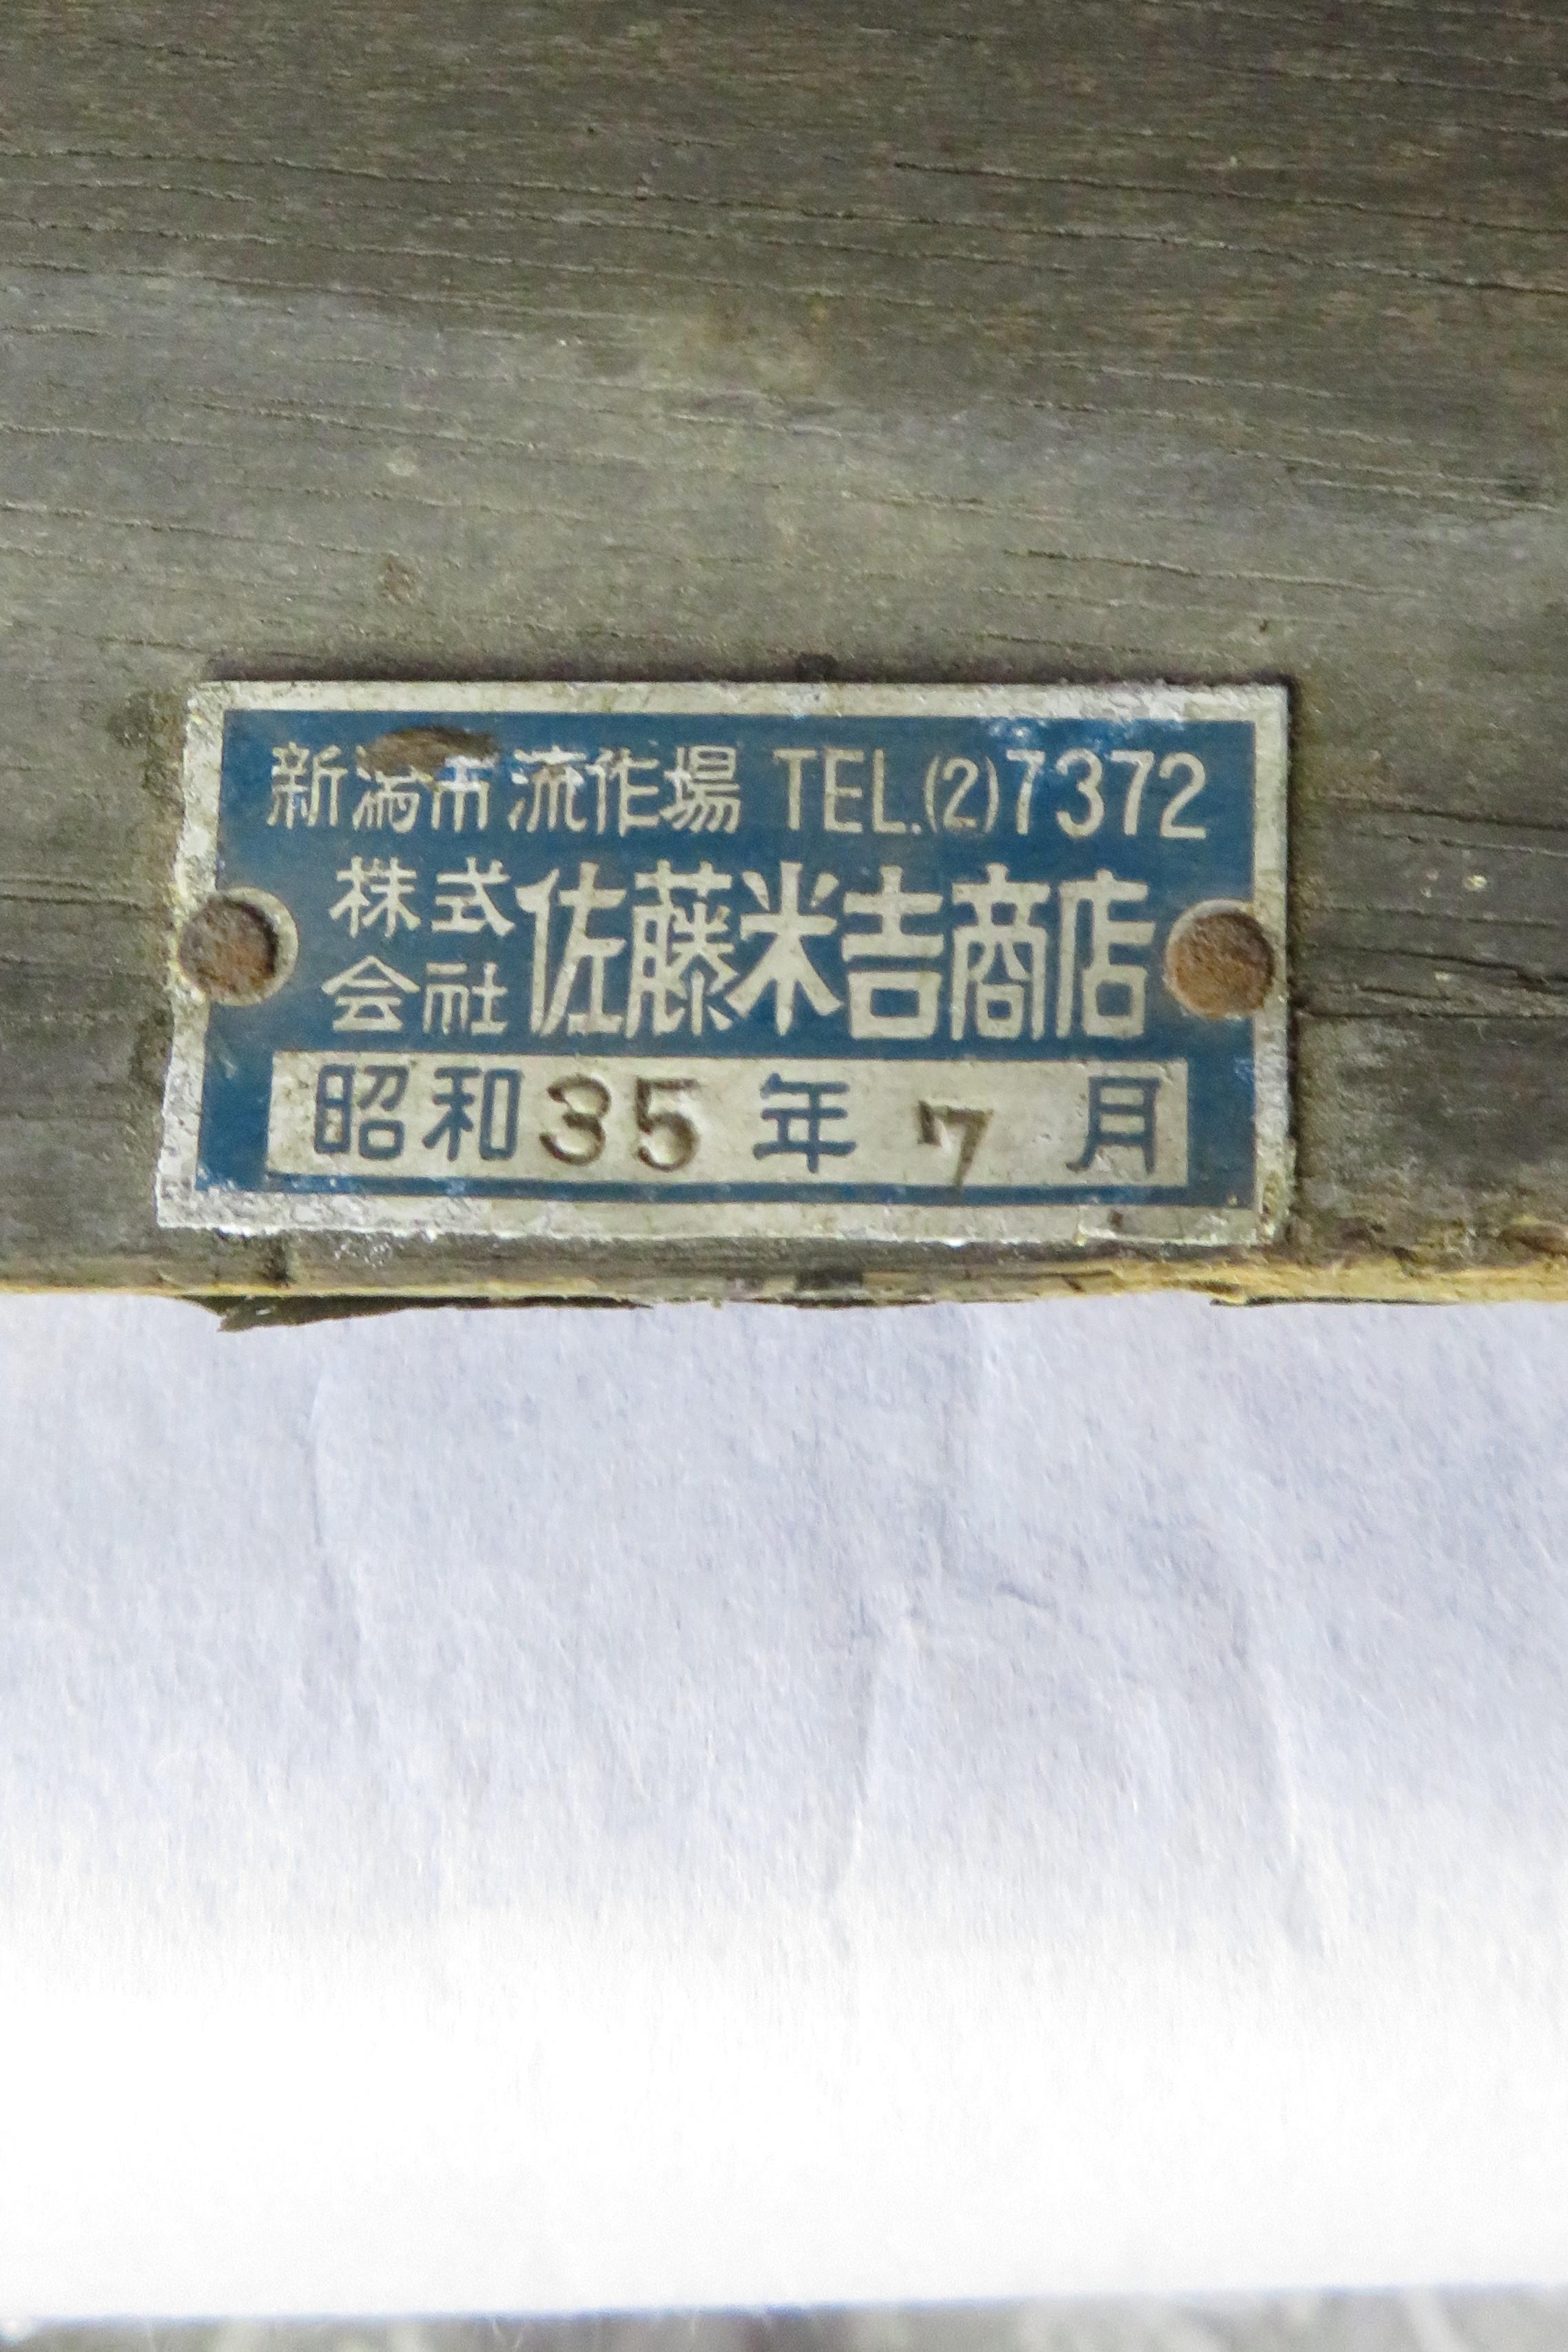 成田駅の宝物(11) お忘れもの掲示板